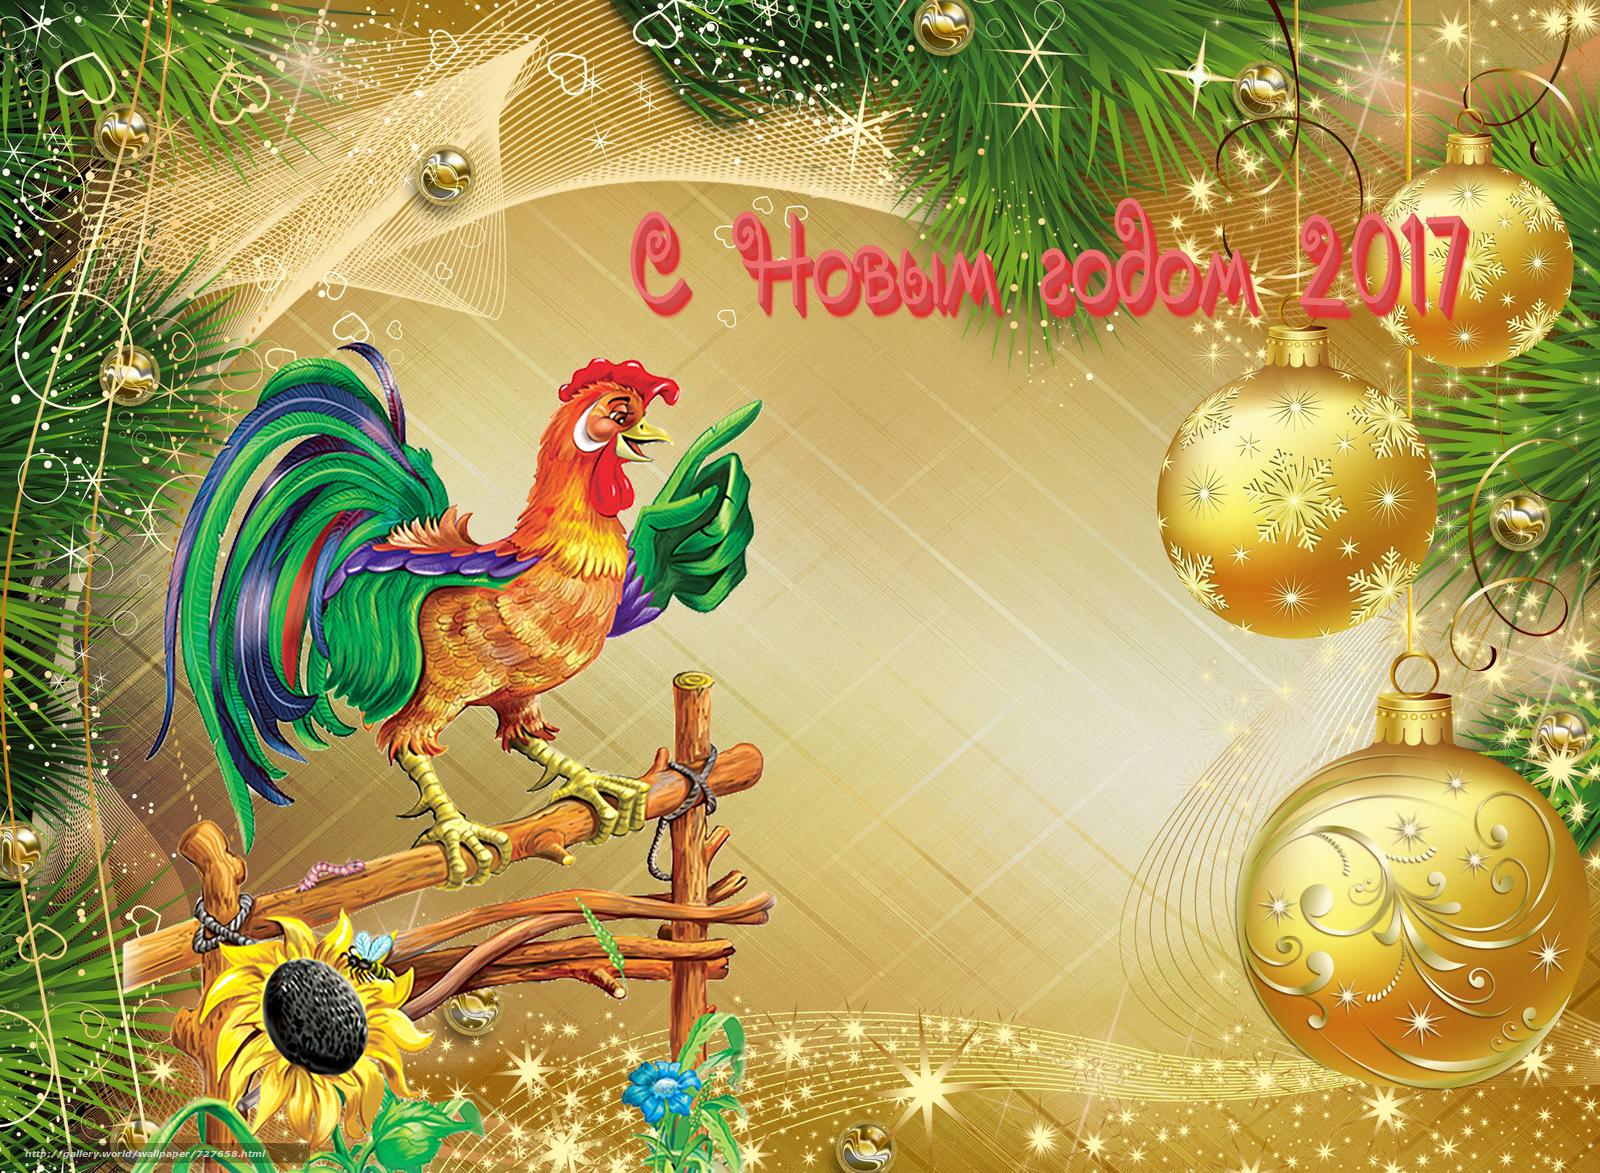 Поздравление с новым годом с открыткой петуха